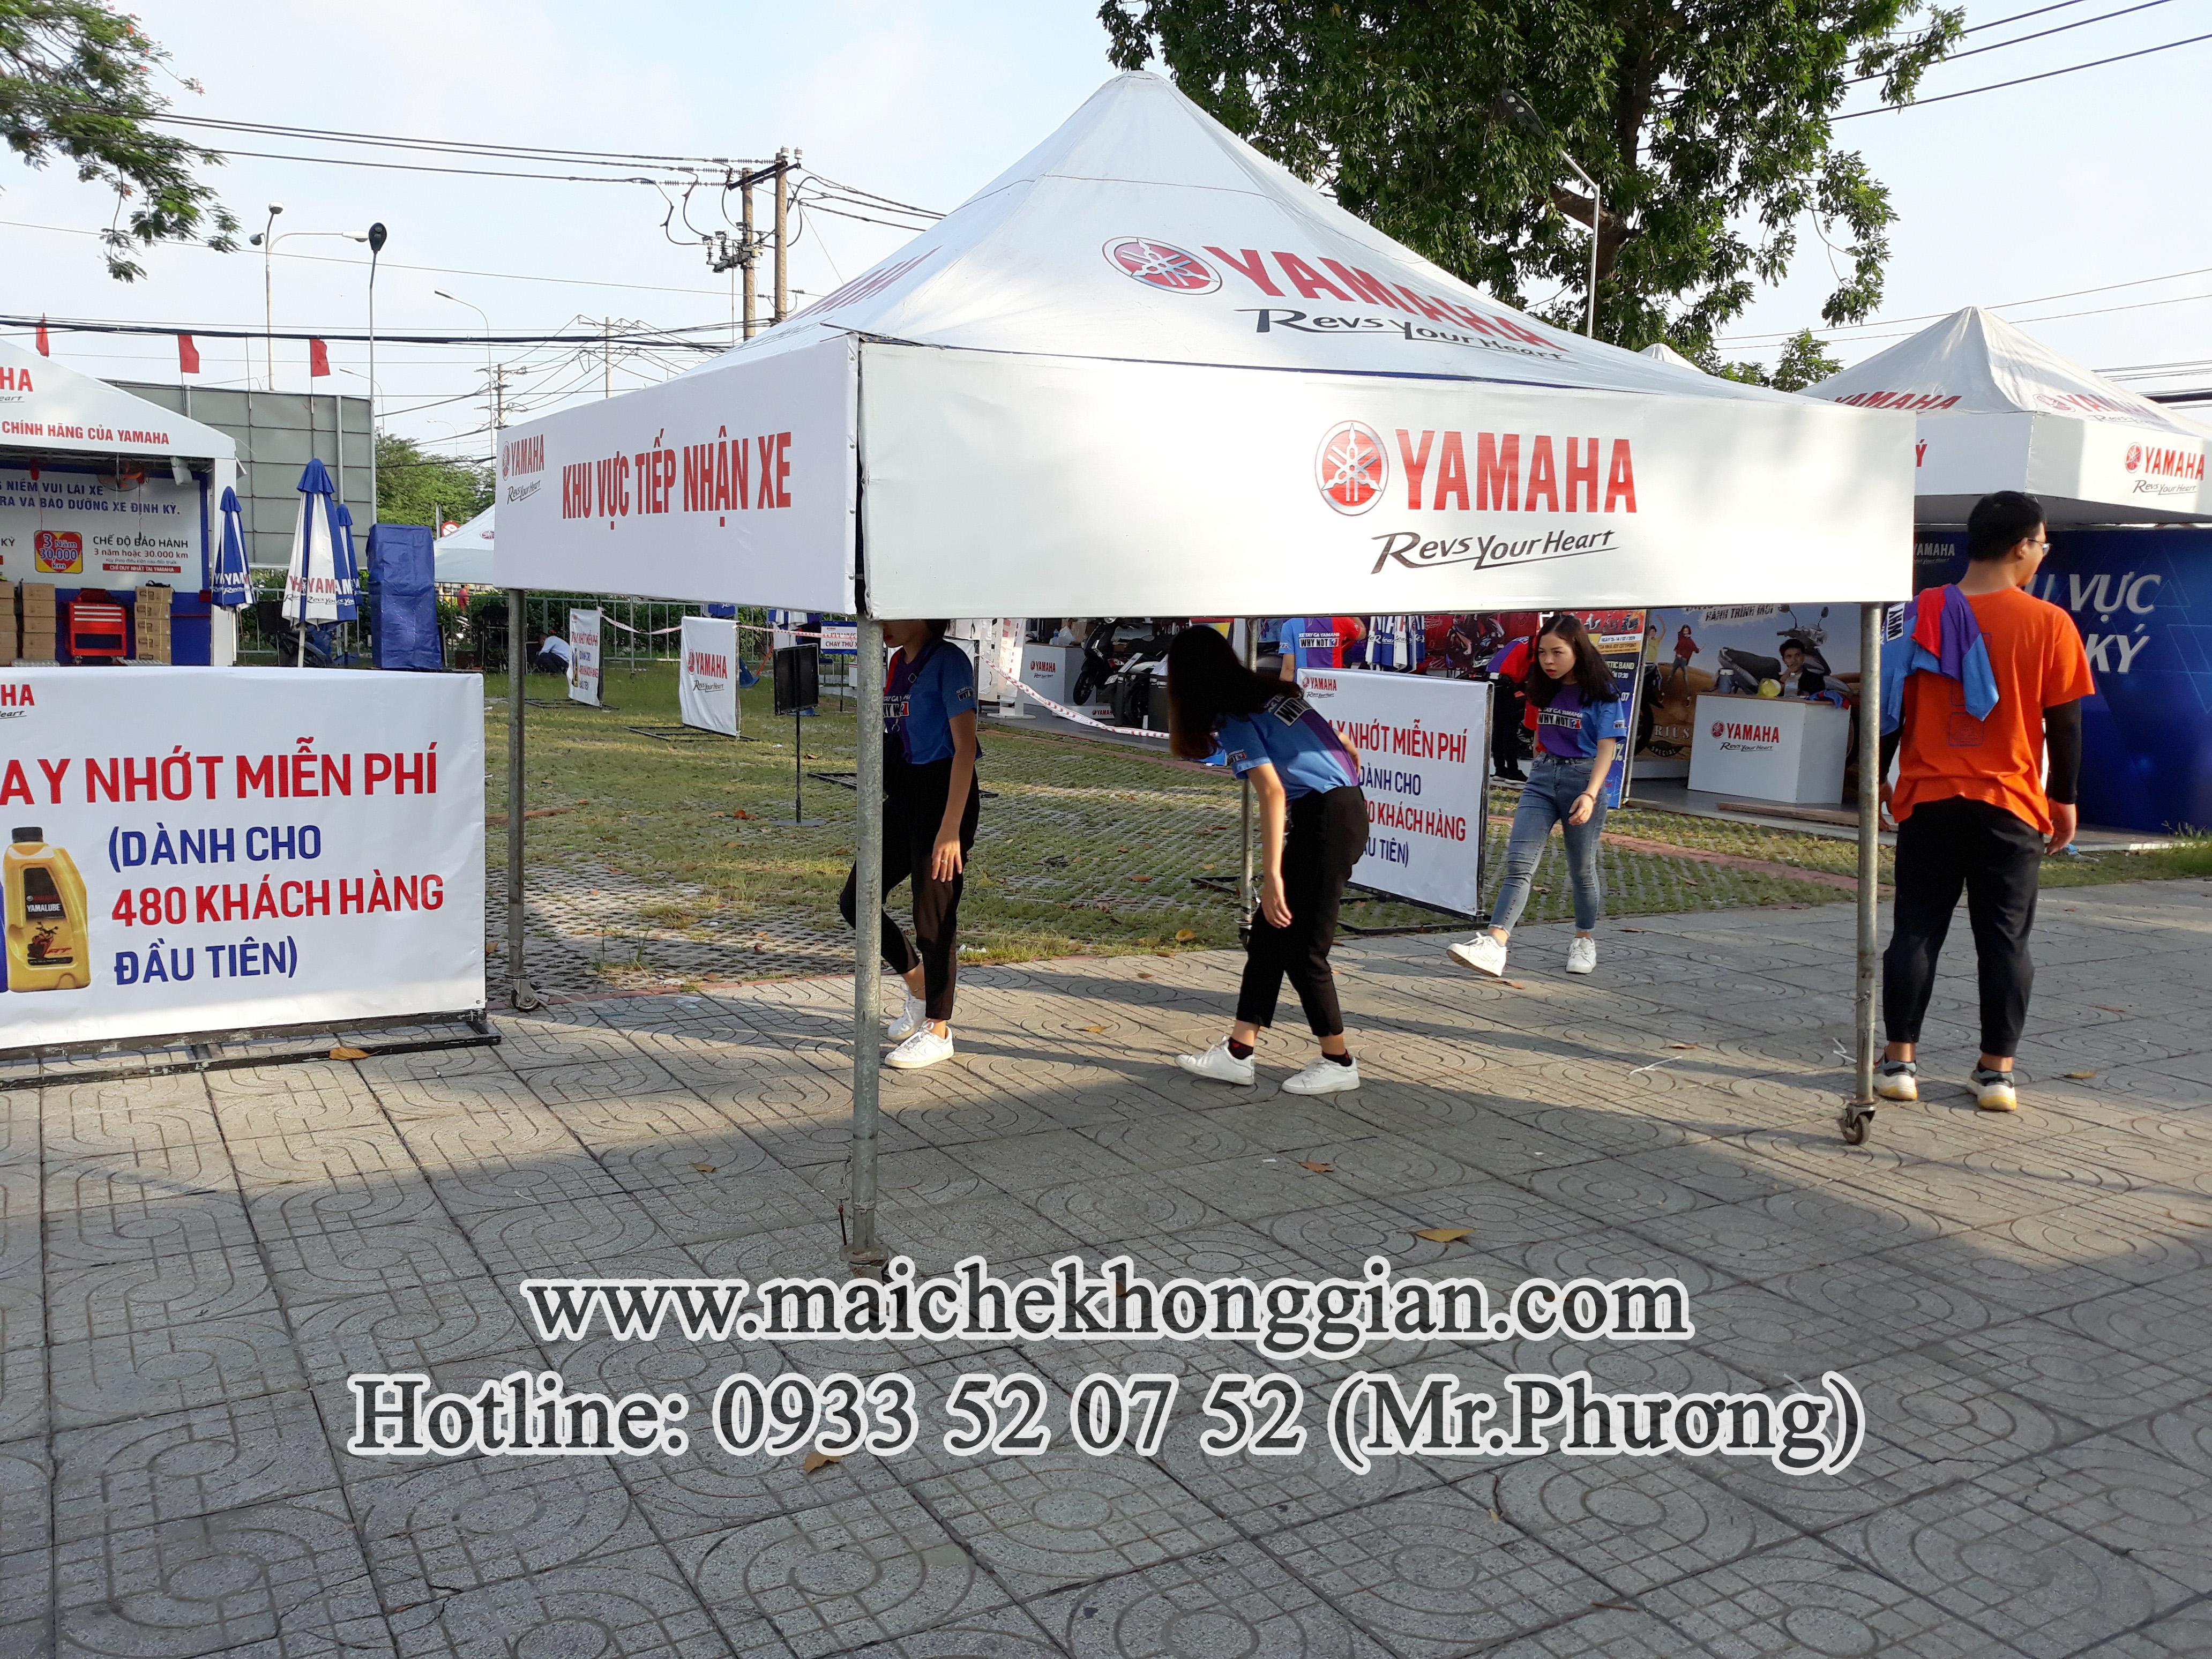 Mái Che Hàng Hóa Huyện Mỹ Xuyên Sóc Trăng